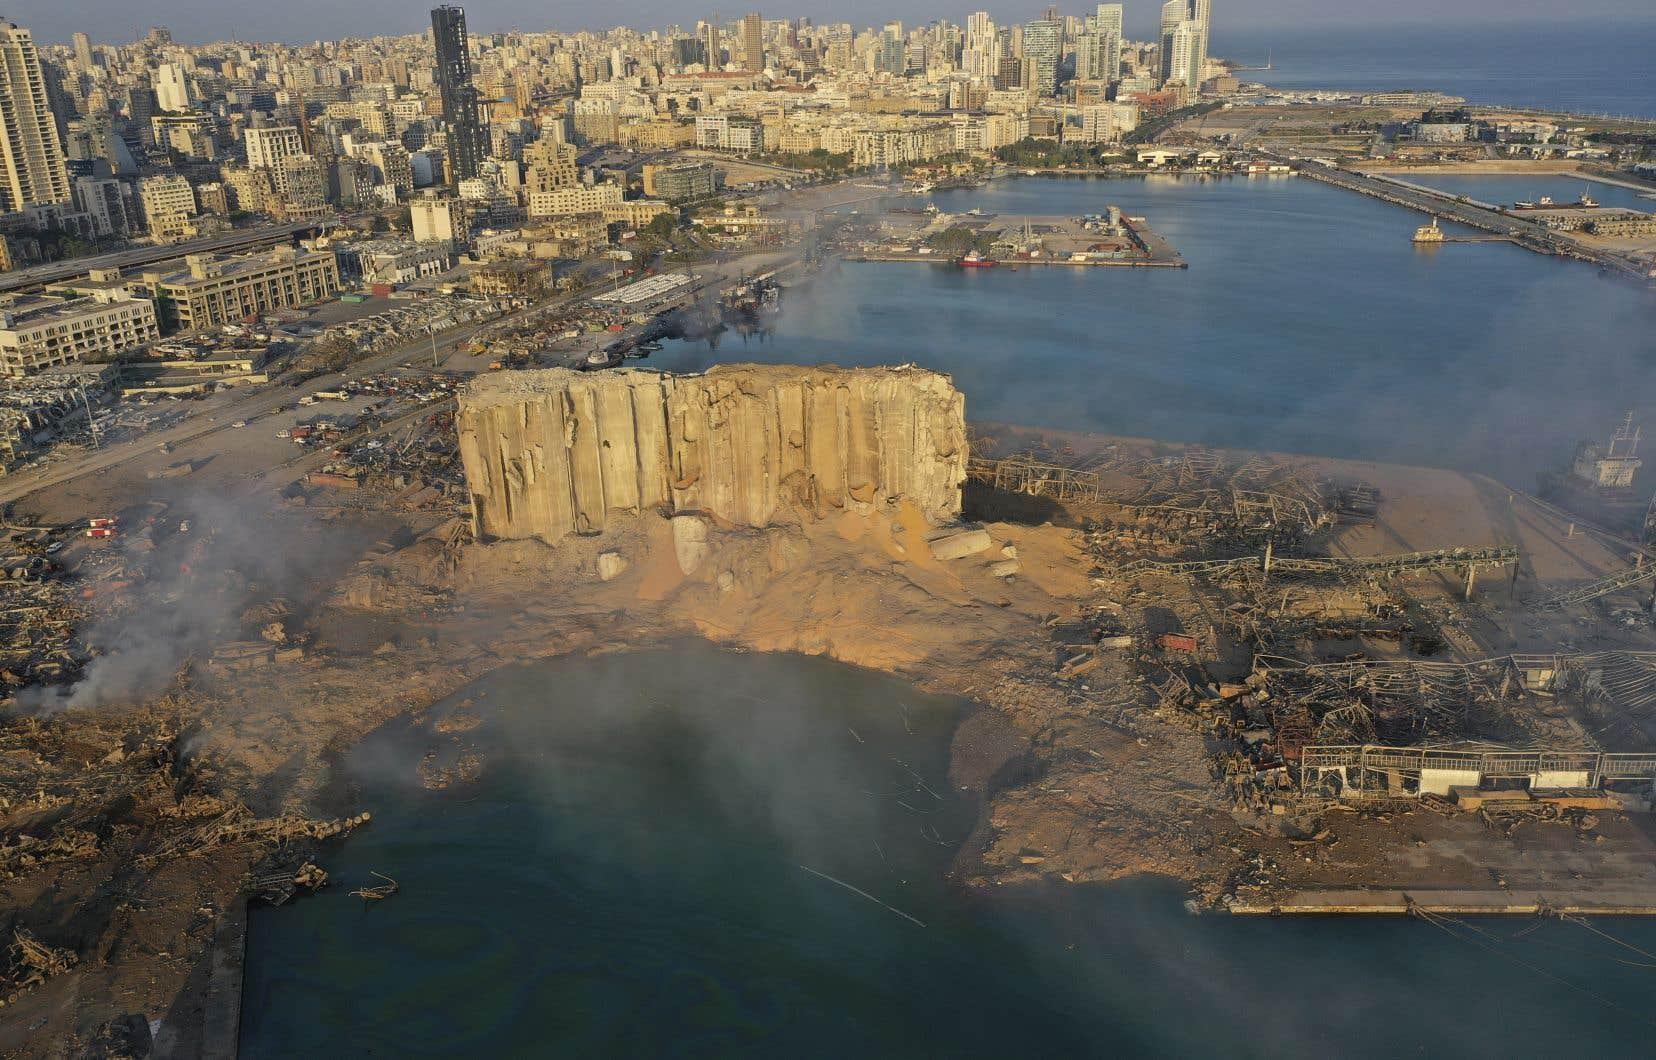 Une terrible explosion dans le port de Beyrouth a fait plus de 158 morts et 6000 blessés mardi dernier.